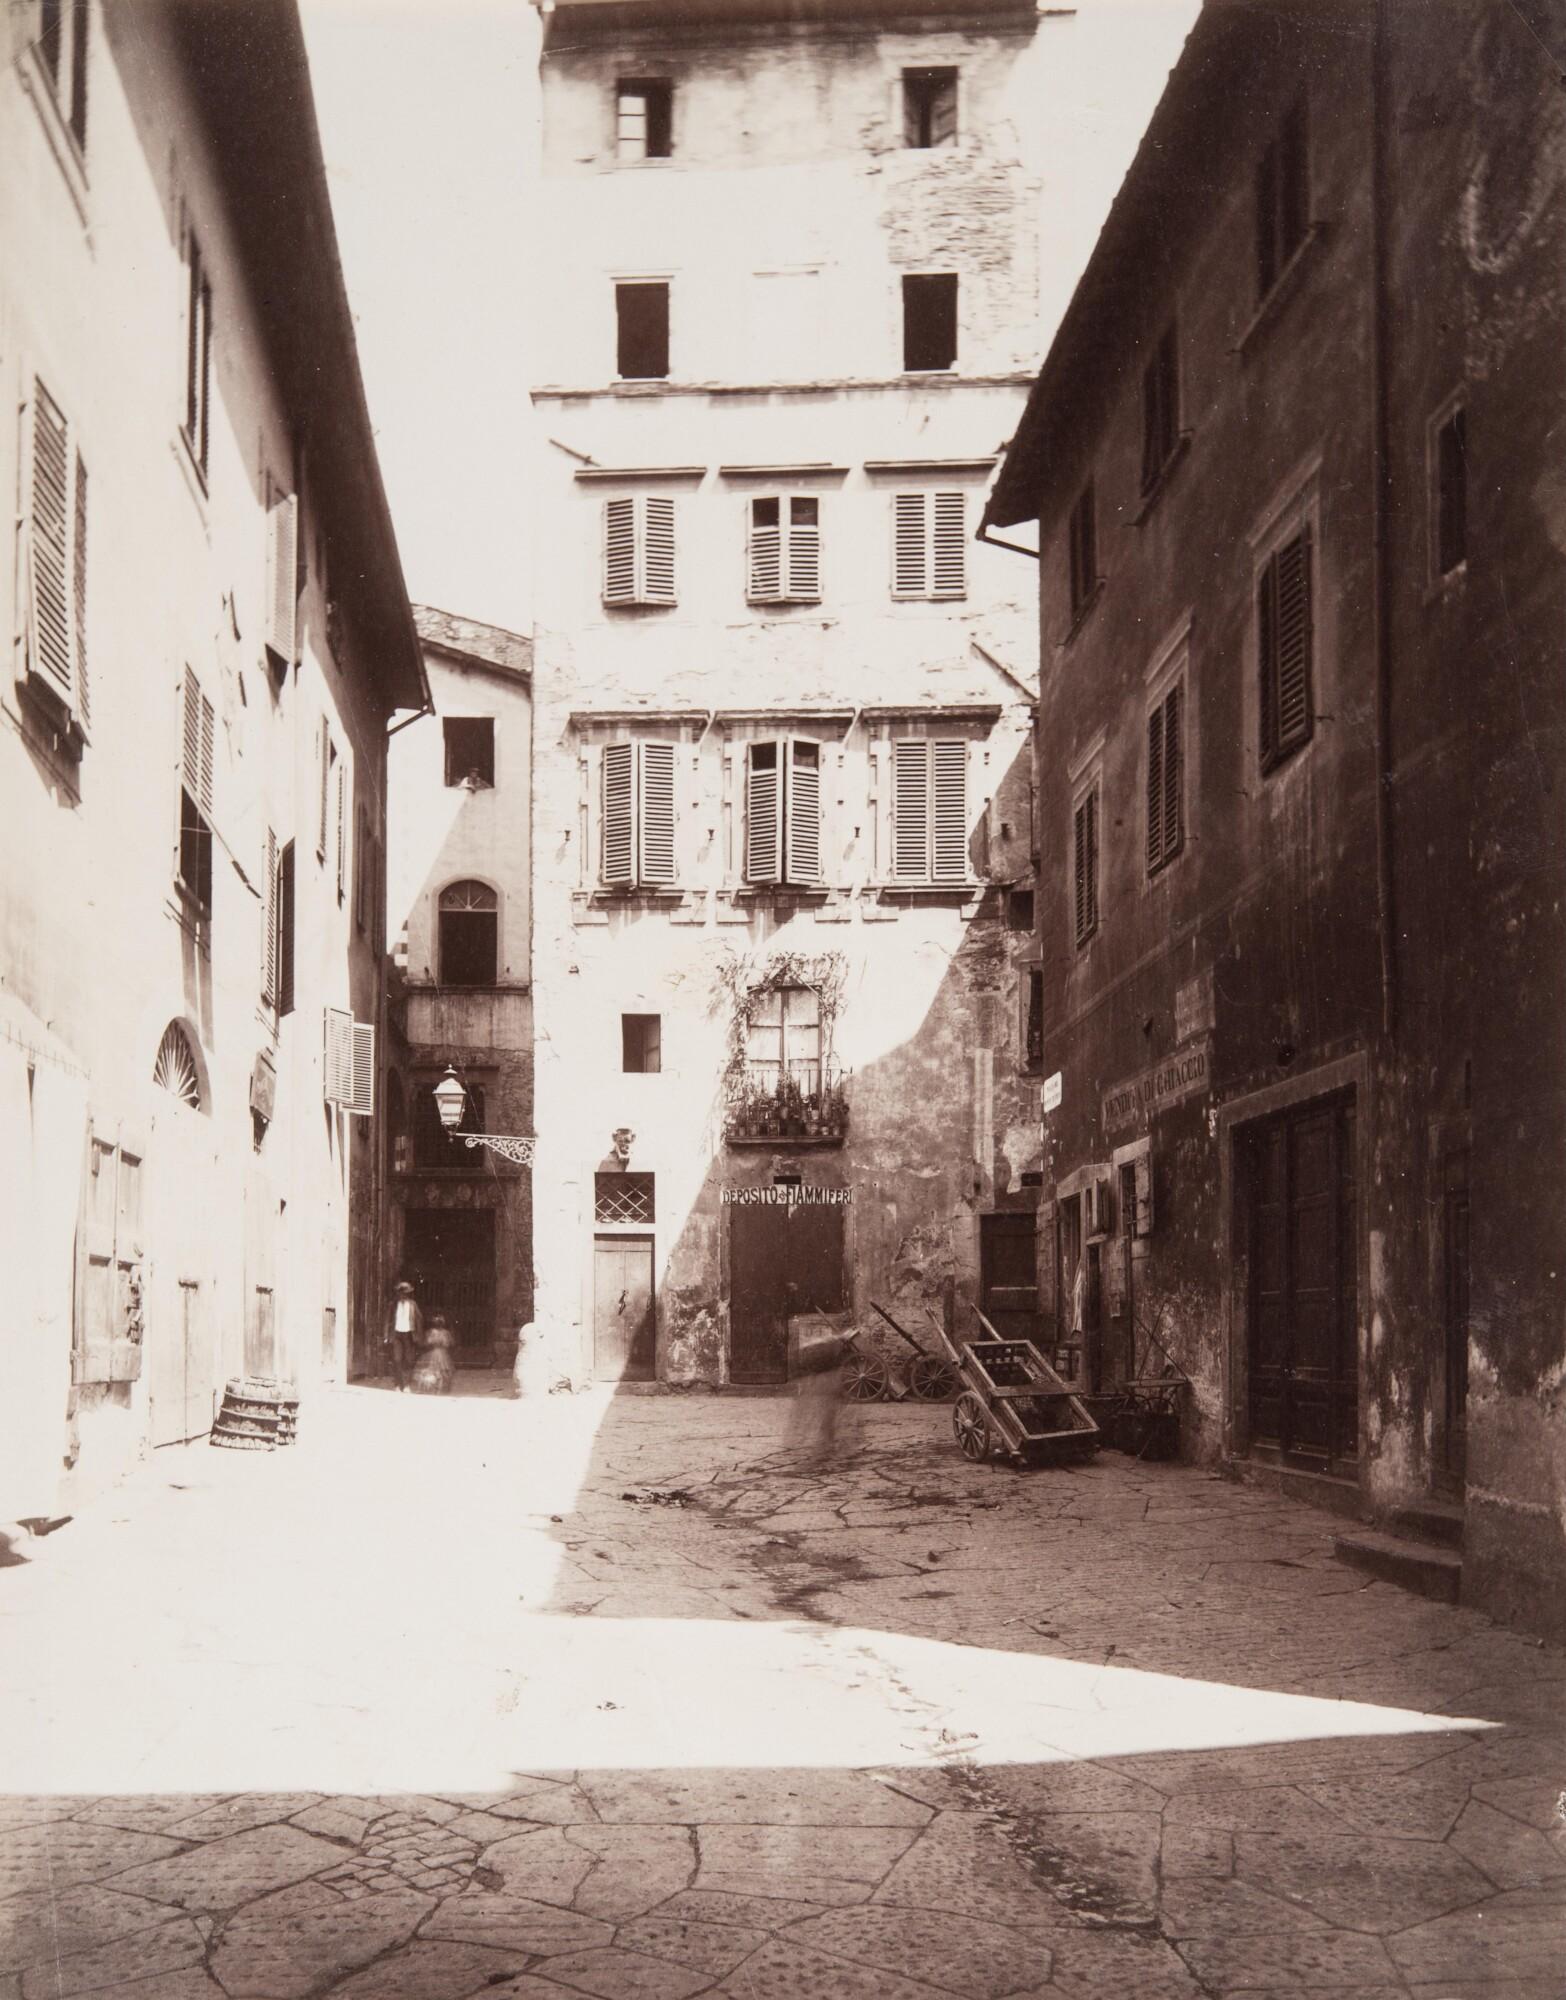 Алинари.    Старый рынок. Пьяцца дель Монте ди Пьета, 1880   Альбуминовый отпечаток